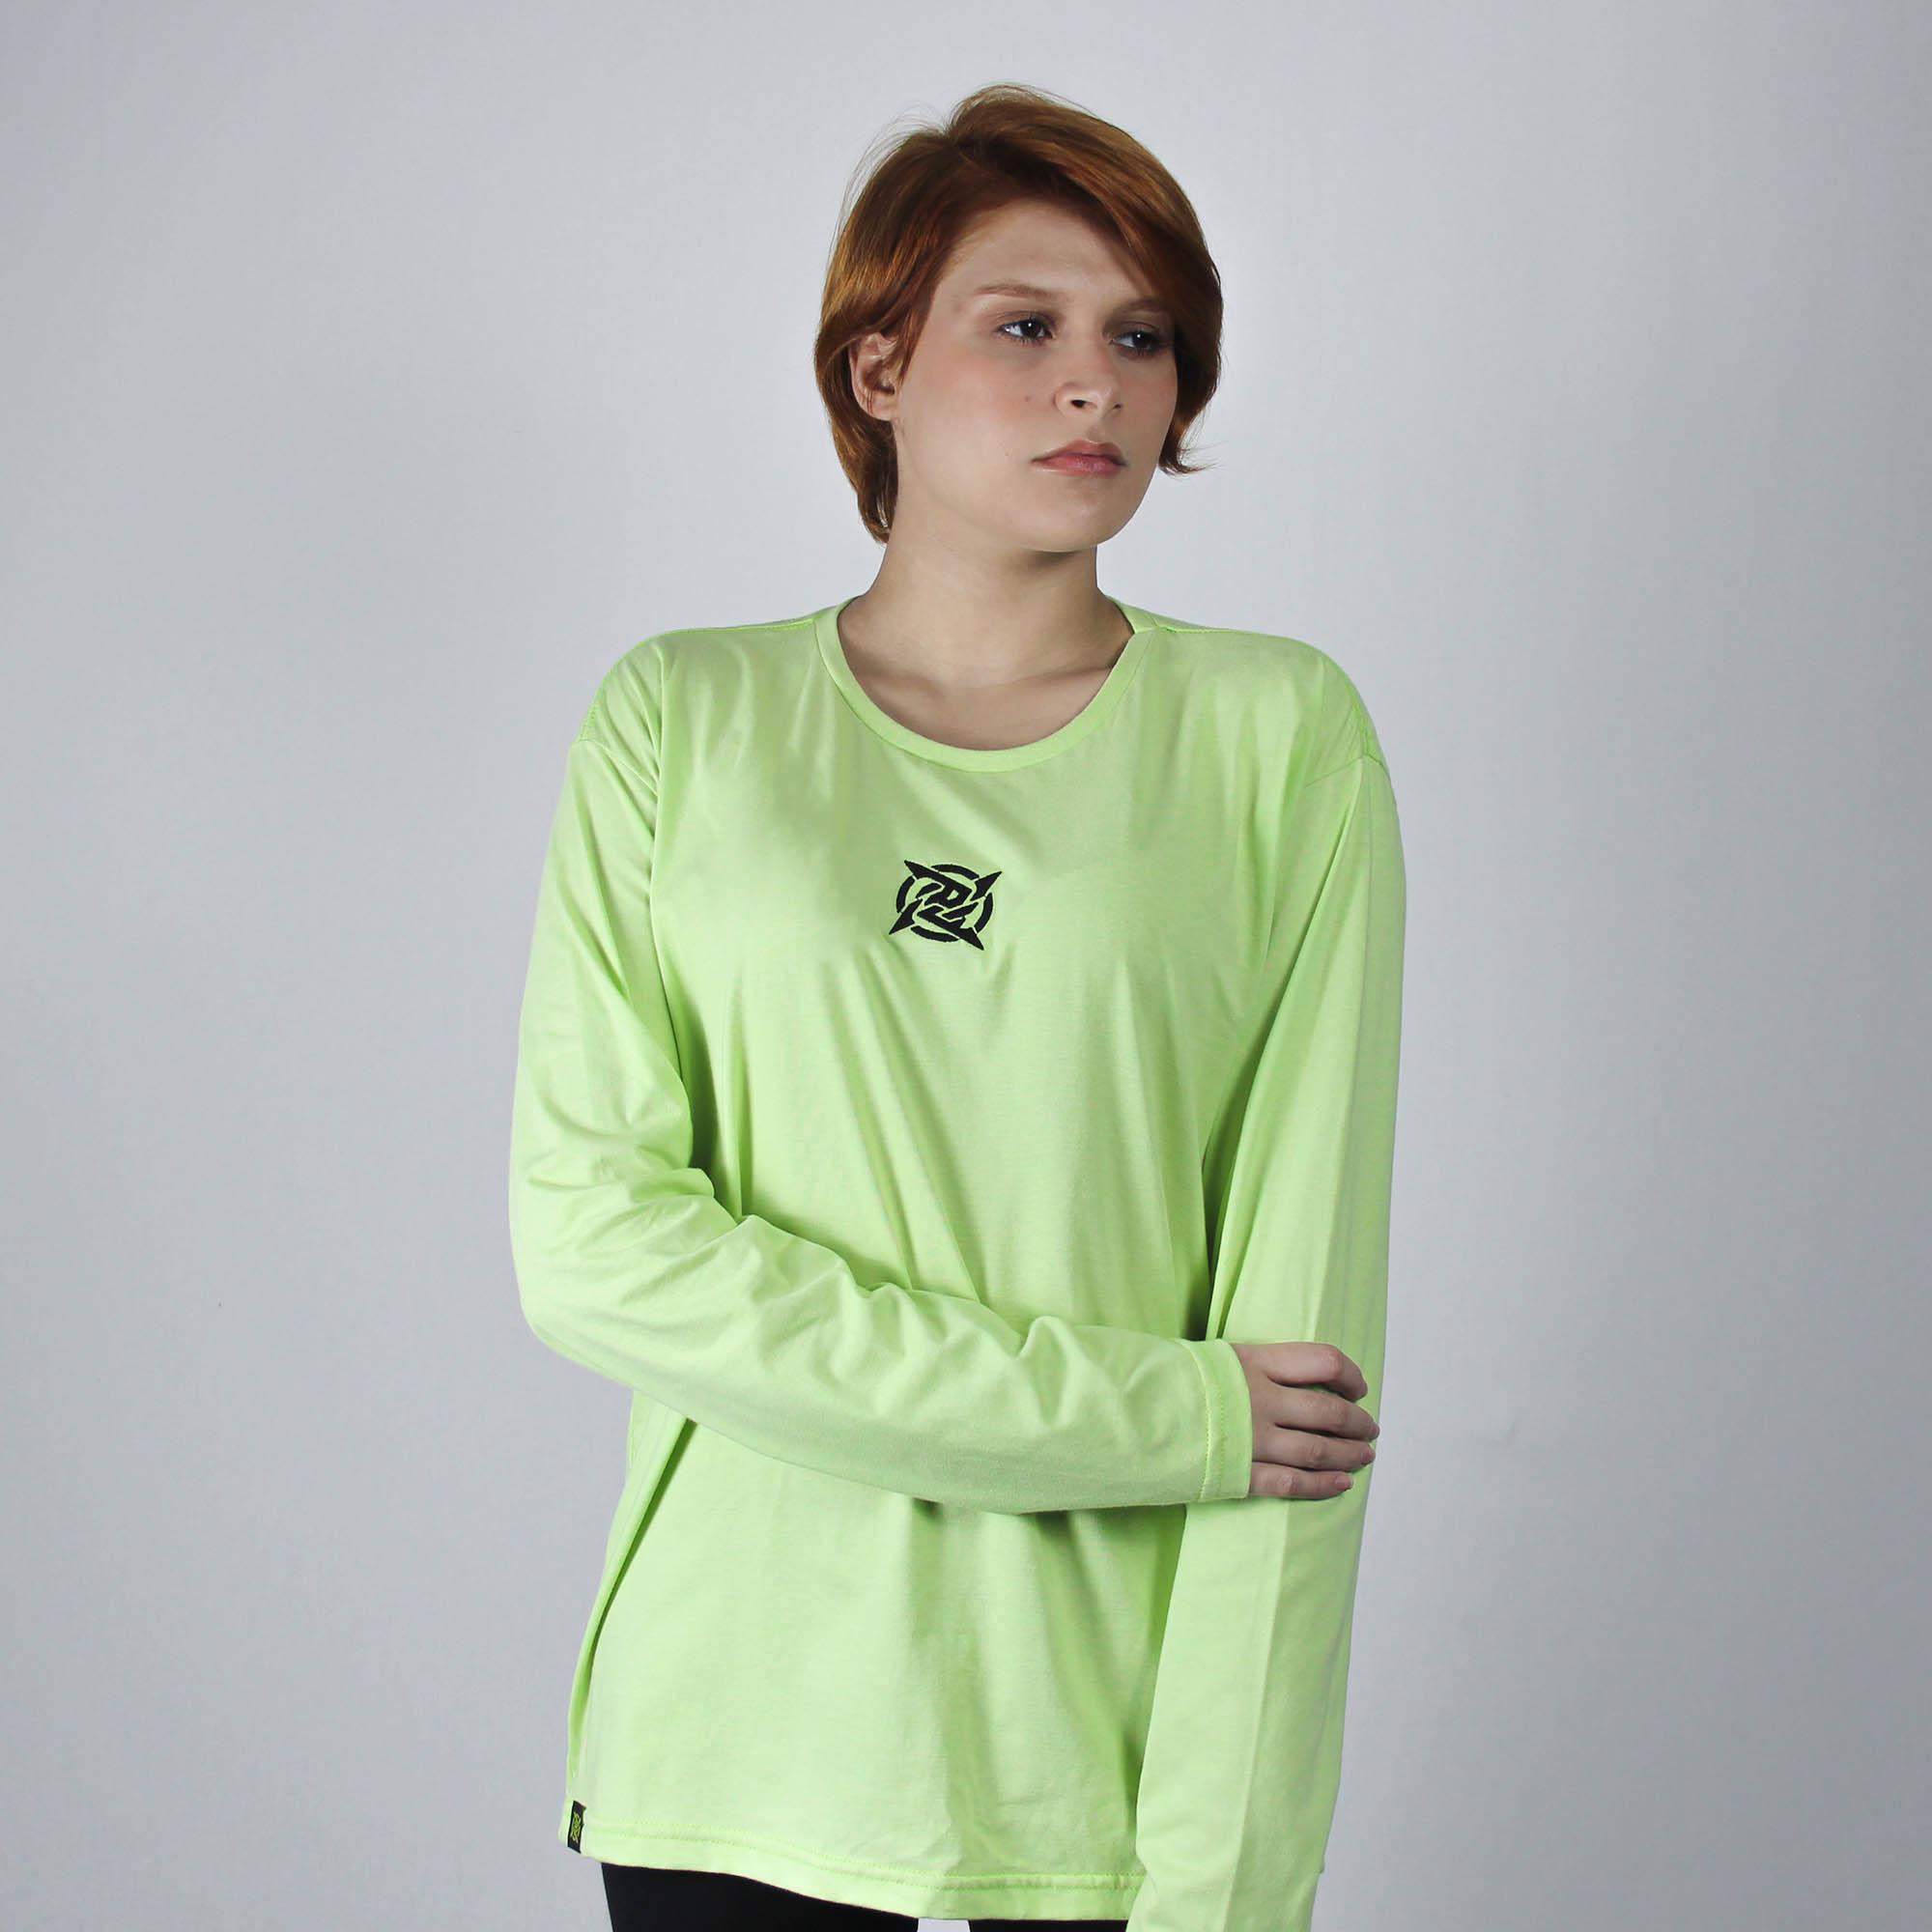 Camiseta Lagom NIP Oficial 2021 Verde